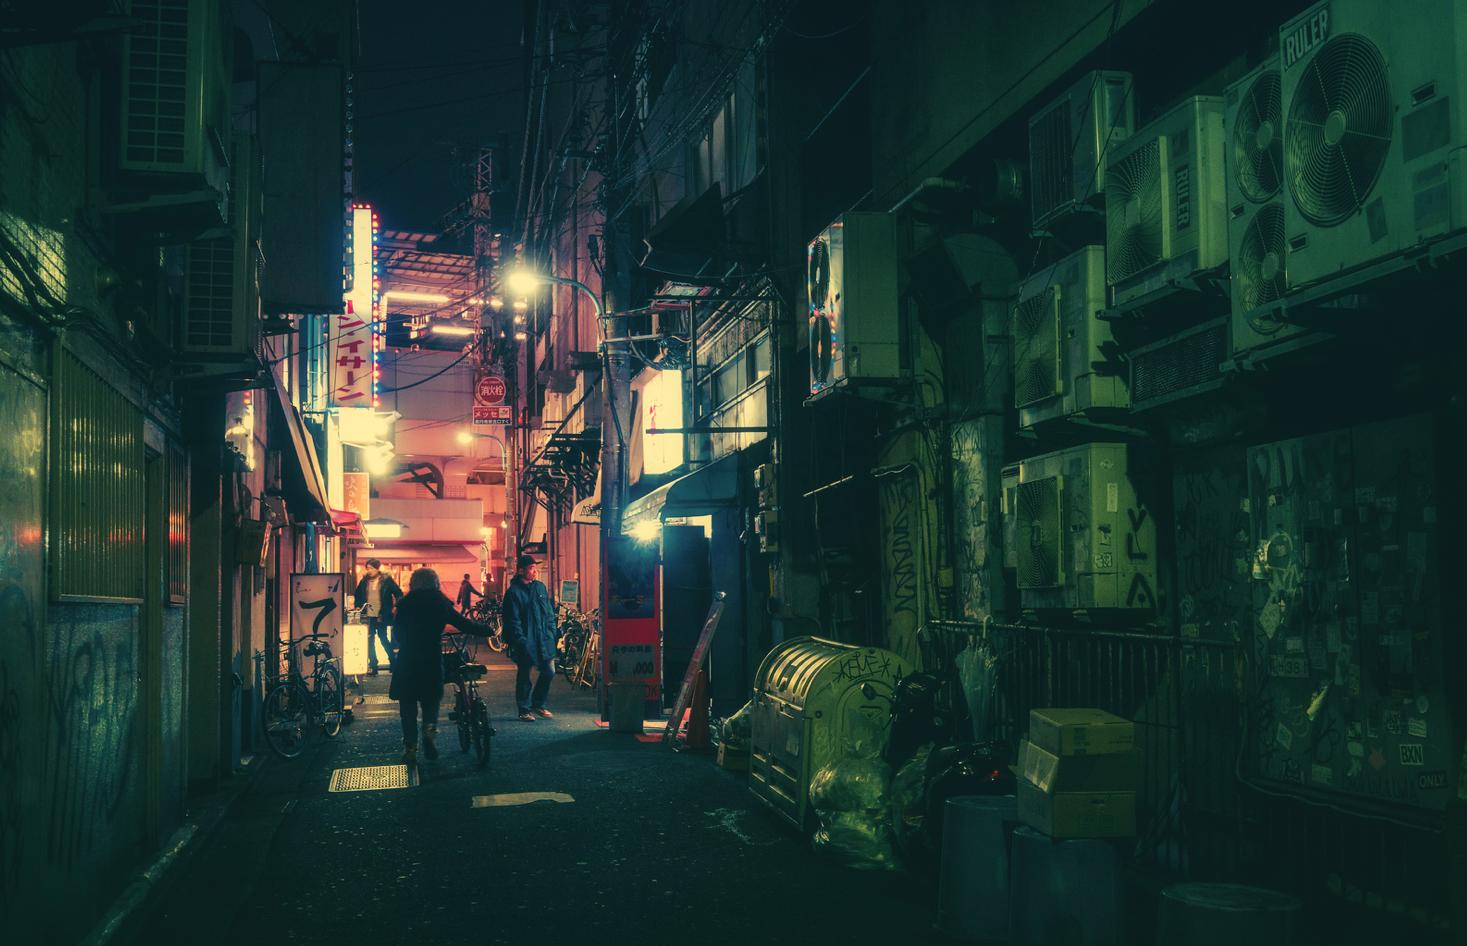 Tokyo-Nuit-6